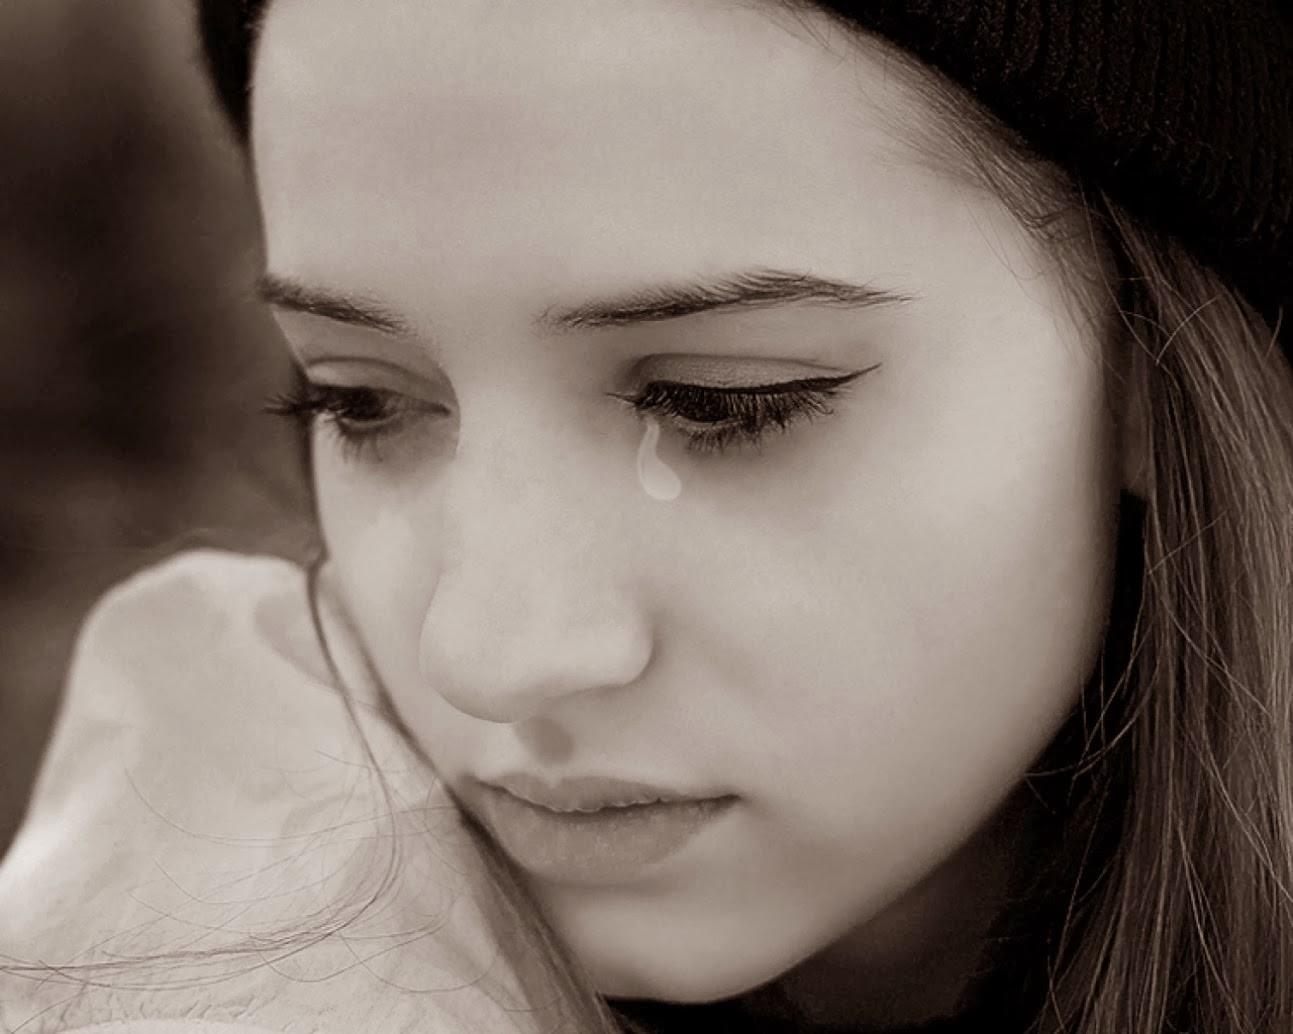 صورة صور فتاة حزينة , الكابة و الانكسار فى احاسيس بنت